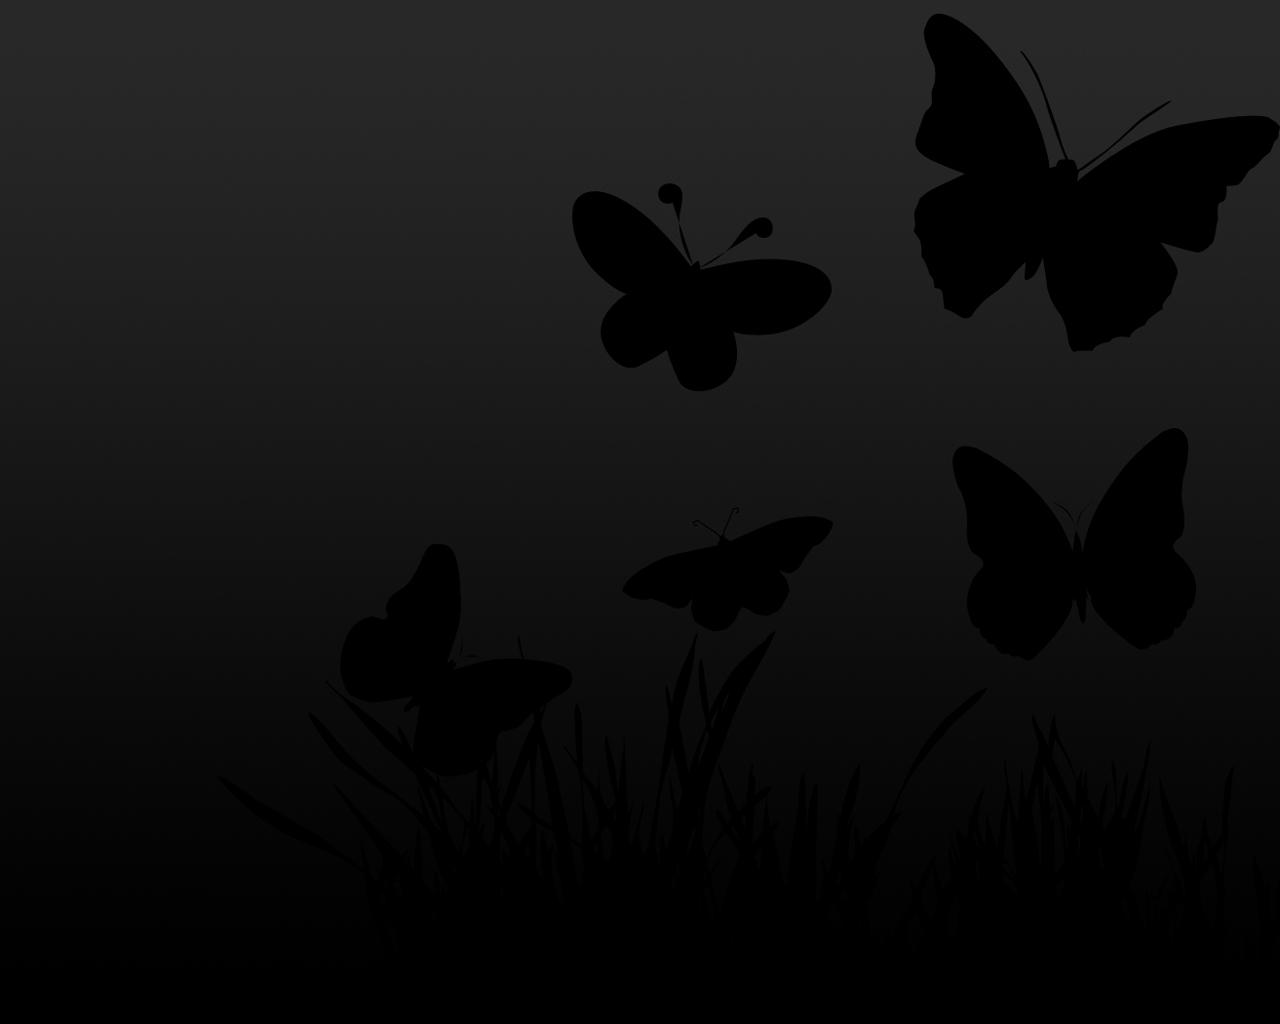 http://3.bp.blogspot.com/-wvpYoyIrBW0/URqAxXS8Z6I/AAAAAAAABlQ/btY_jfj2HeI/s1600/black-butterfly-wallpaper-1280x1024.jpg